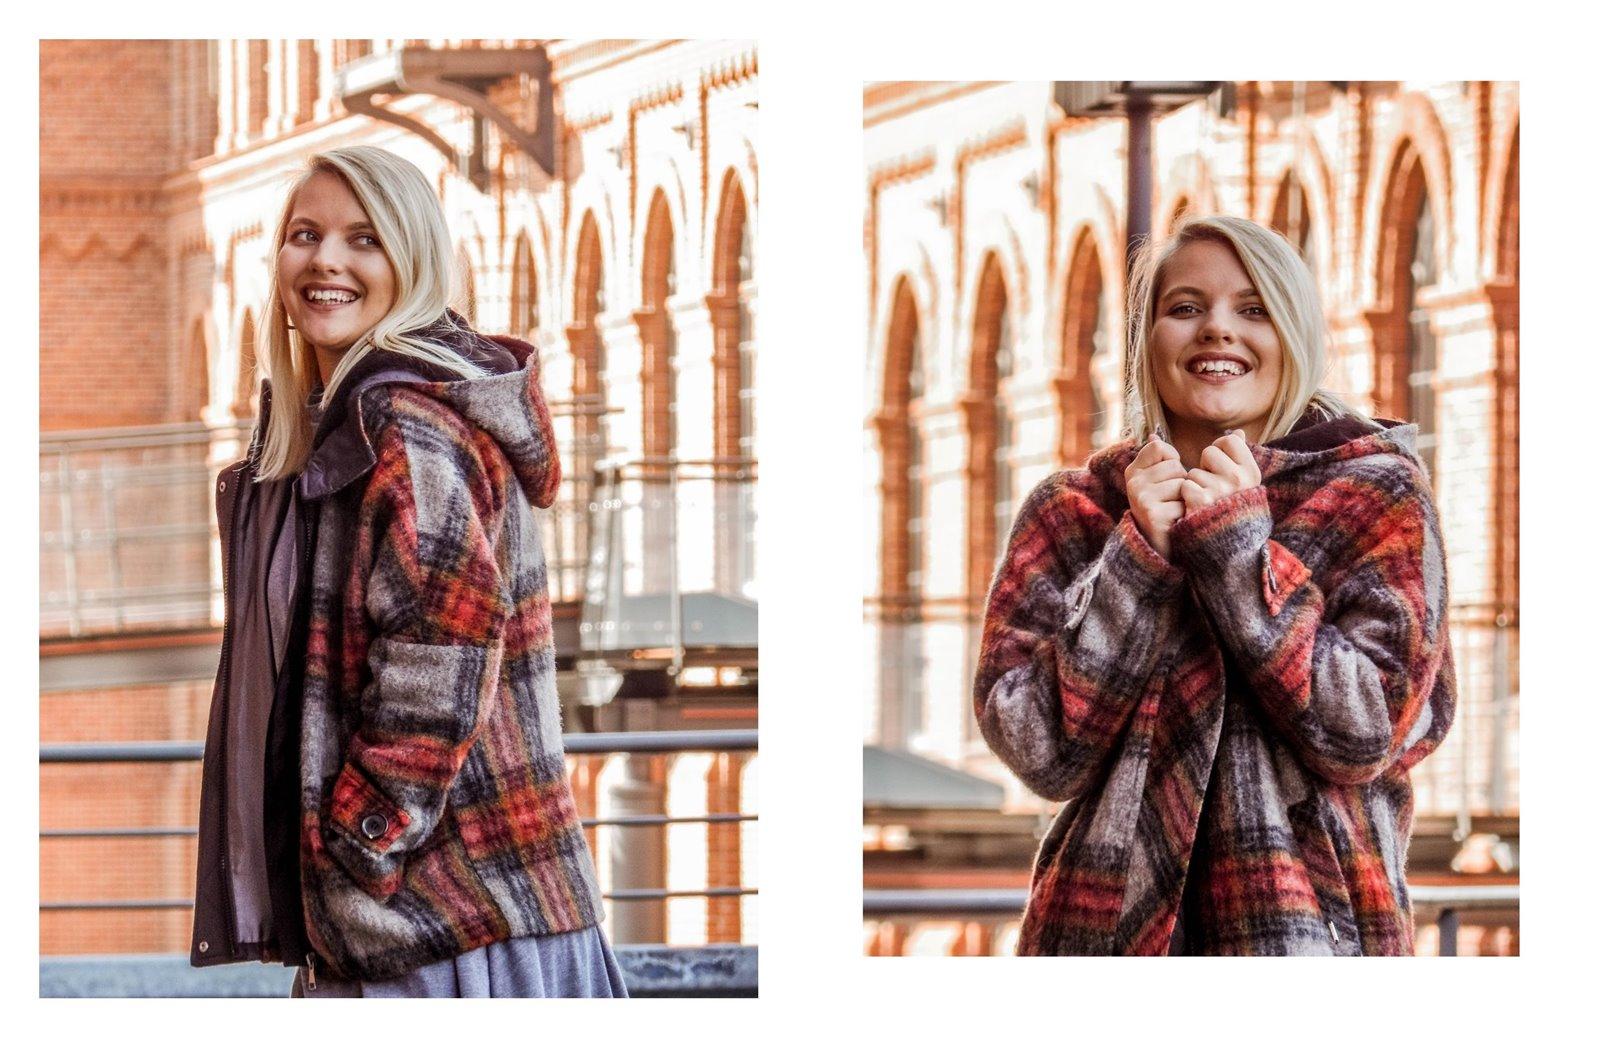 4a płaszcz - ubranie, moda polska, hot moda, moda damska jesień 2018, moda for you, net moda, blog, blogerki fashion łódź anataka kurtka w kratkę ciepła kurtka stylizacje w co się ubrać eleganckie kurtki blondynka